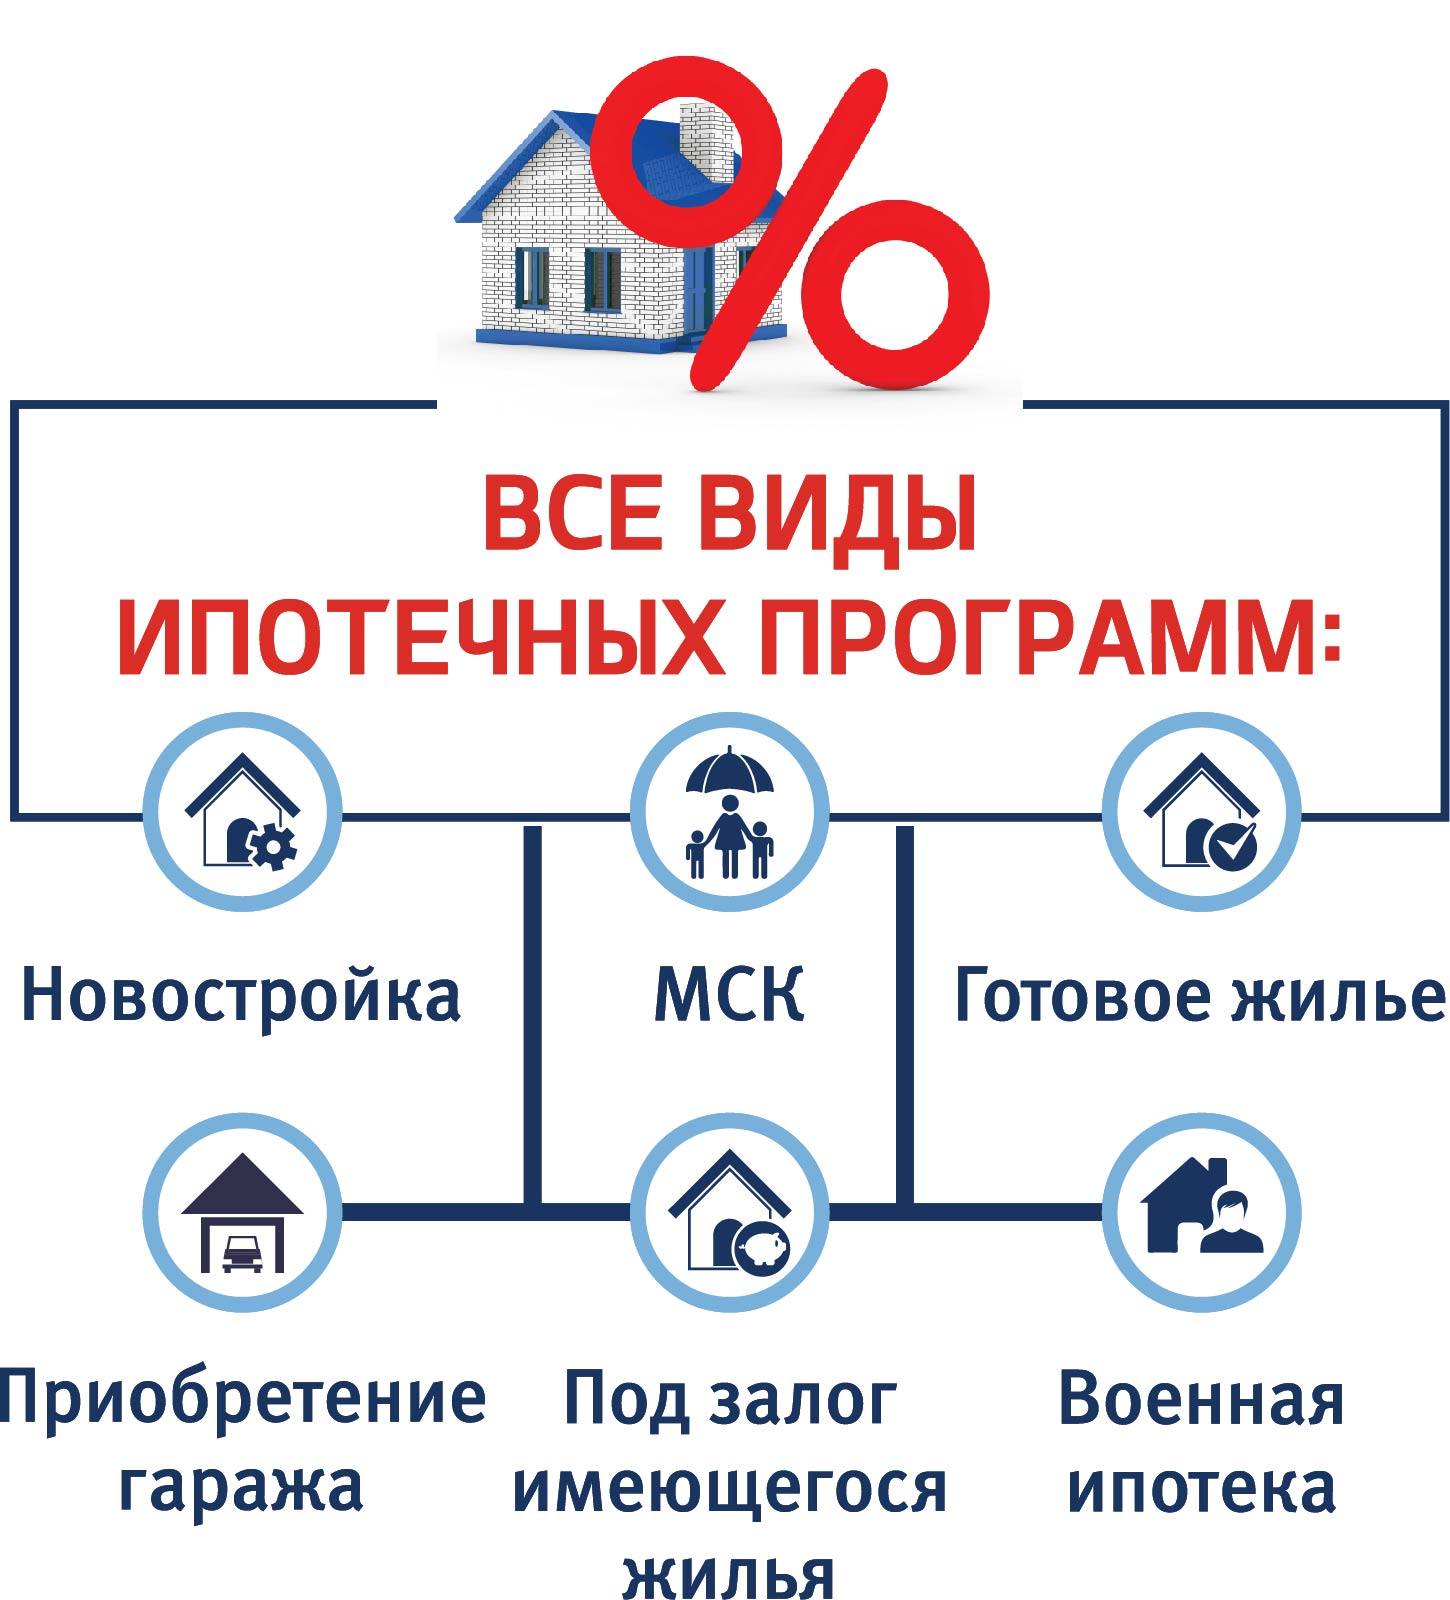 Основные аспекты деятельности ипотечных брокеров в России